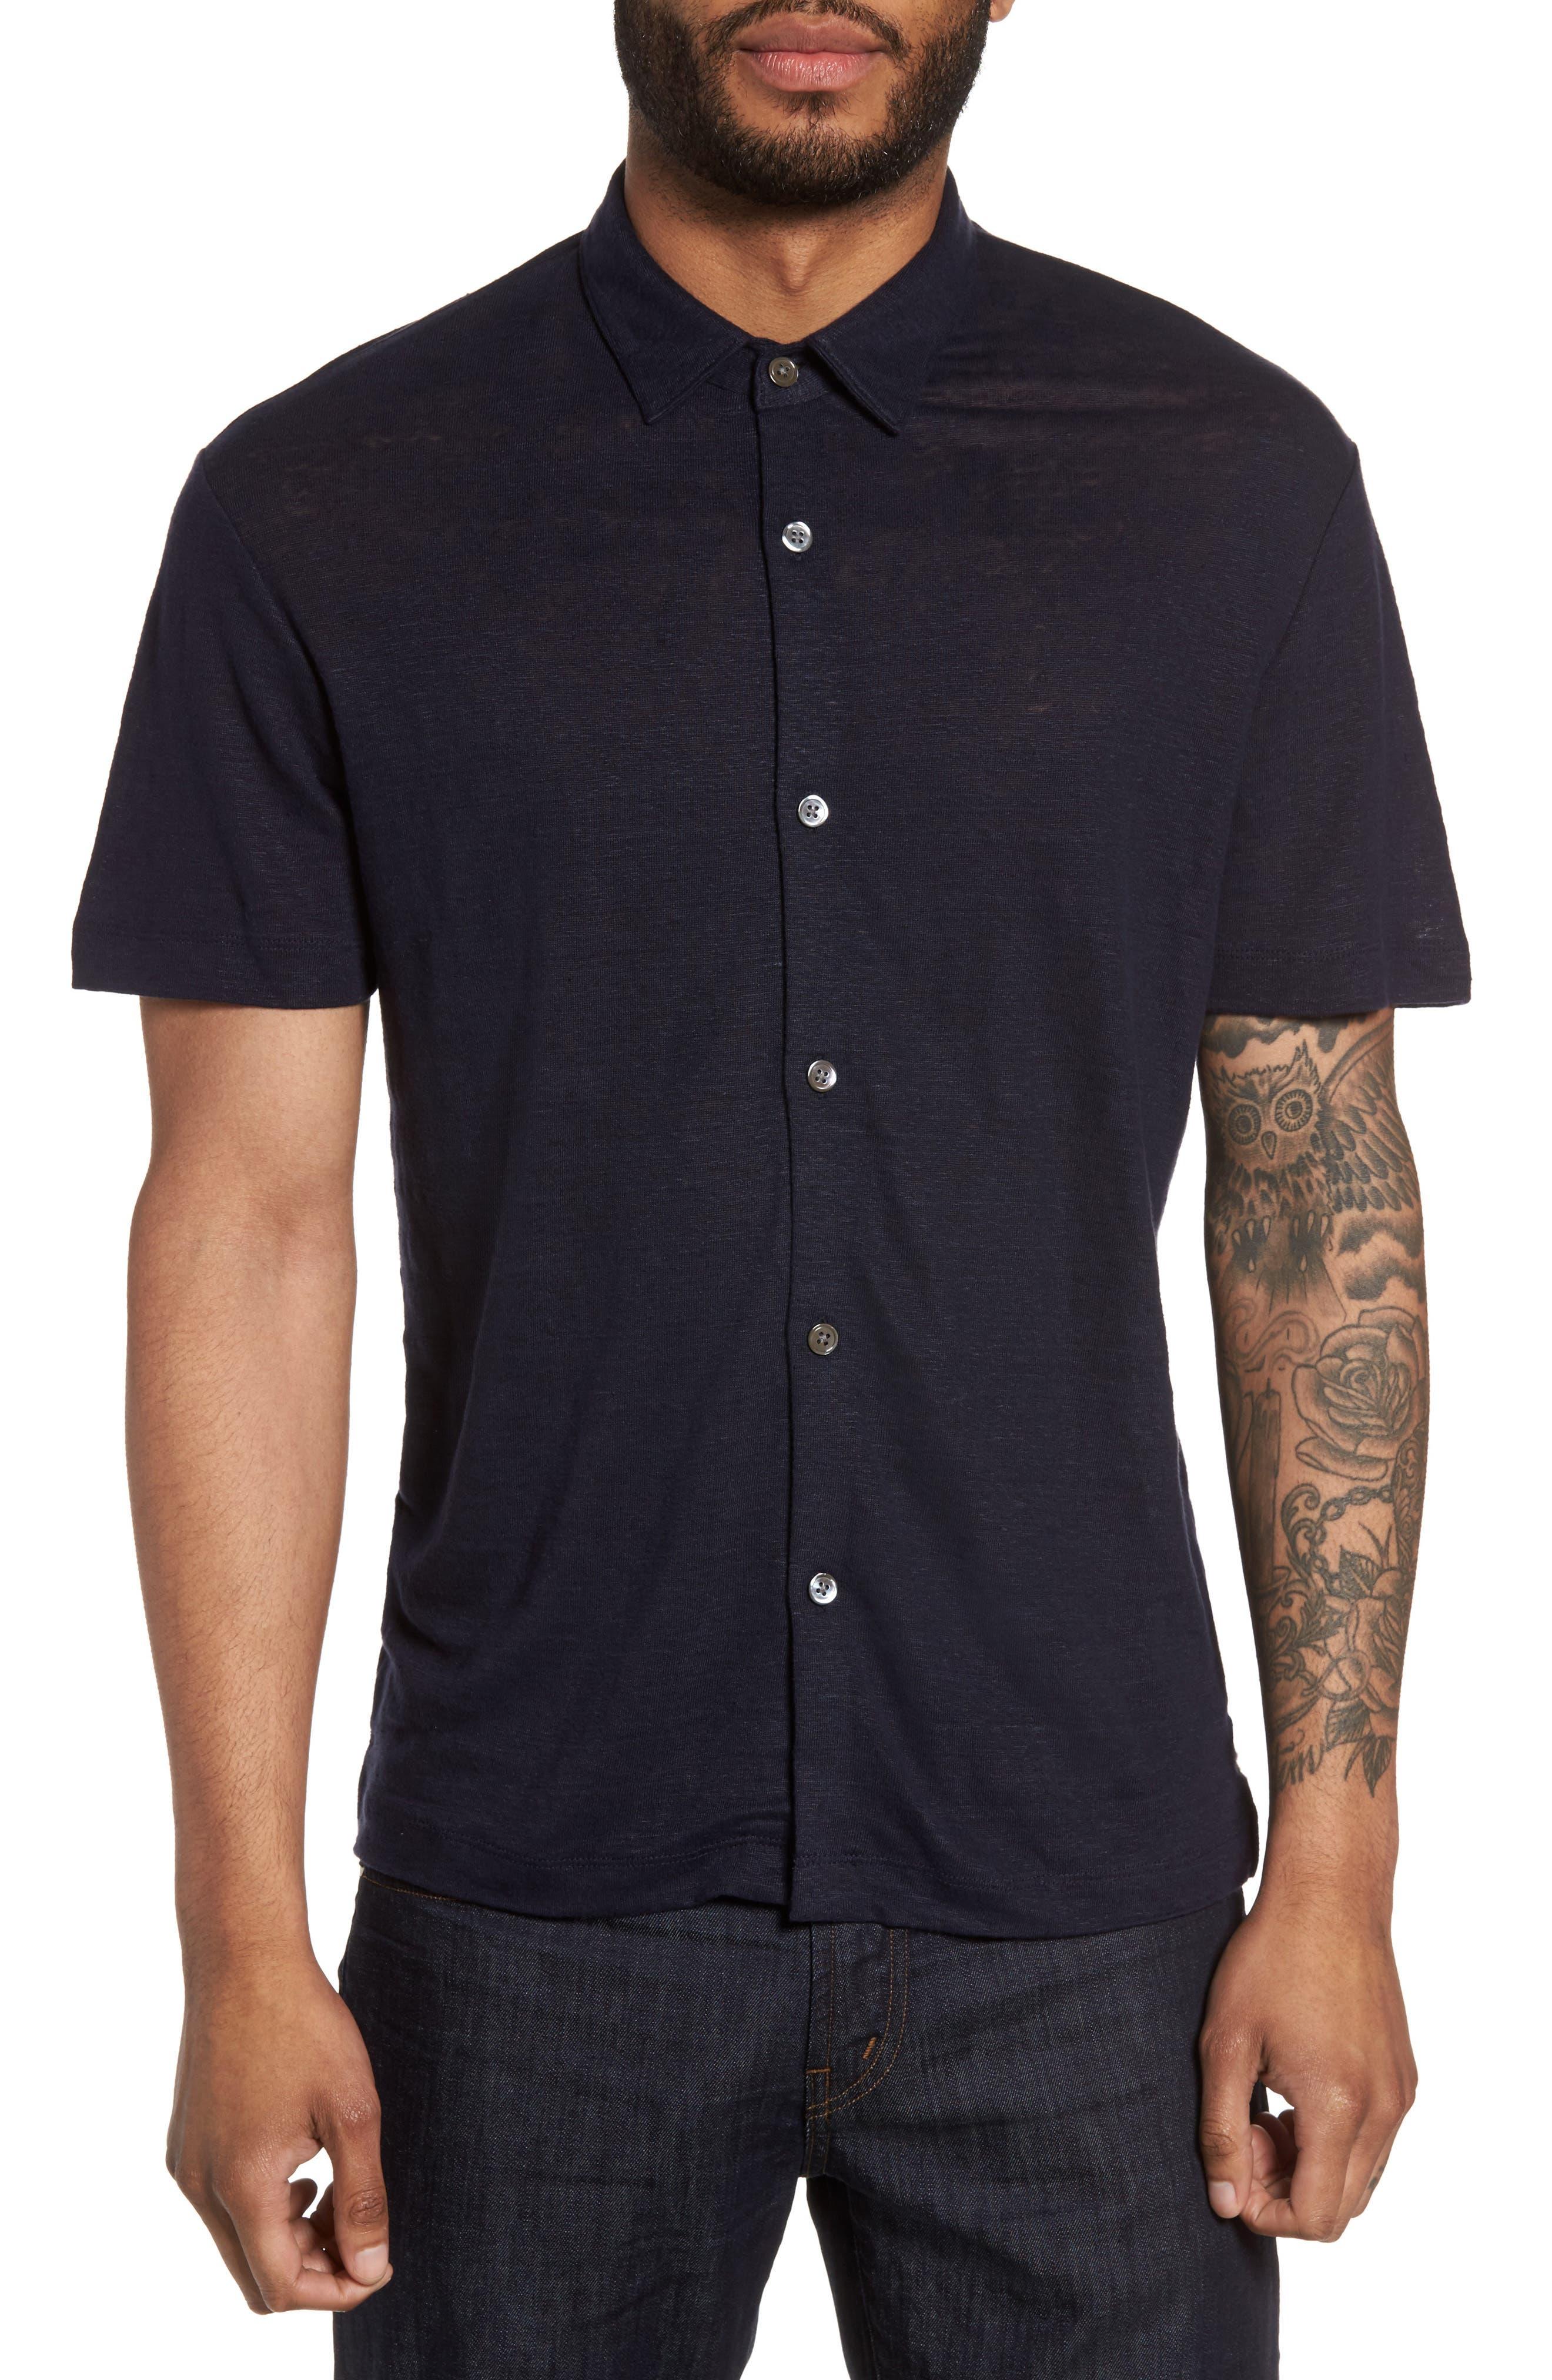 THEORY Linen Knit Sport Shirt